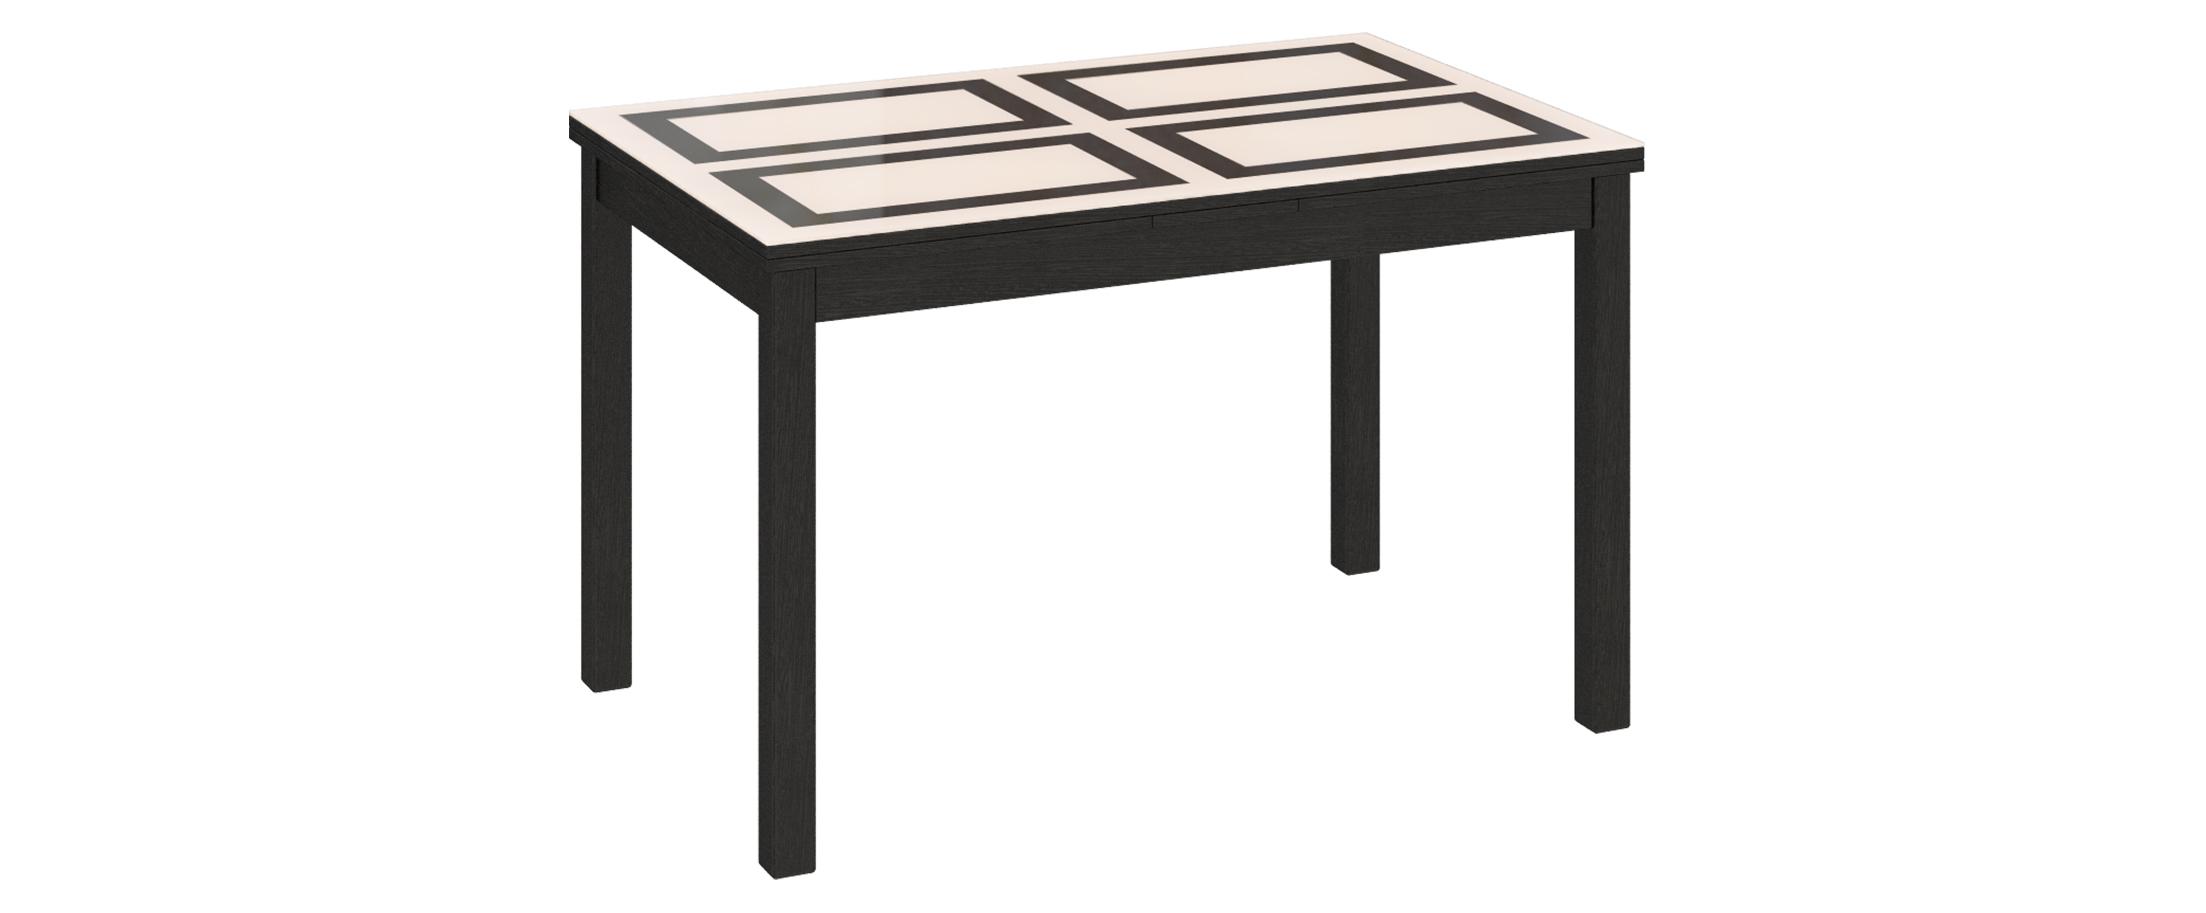 Стол обеденный Диез Т11 Модель 3038